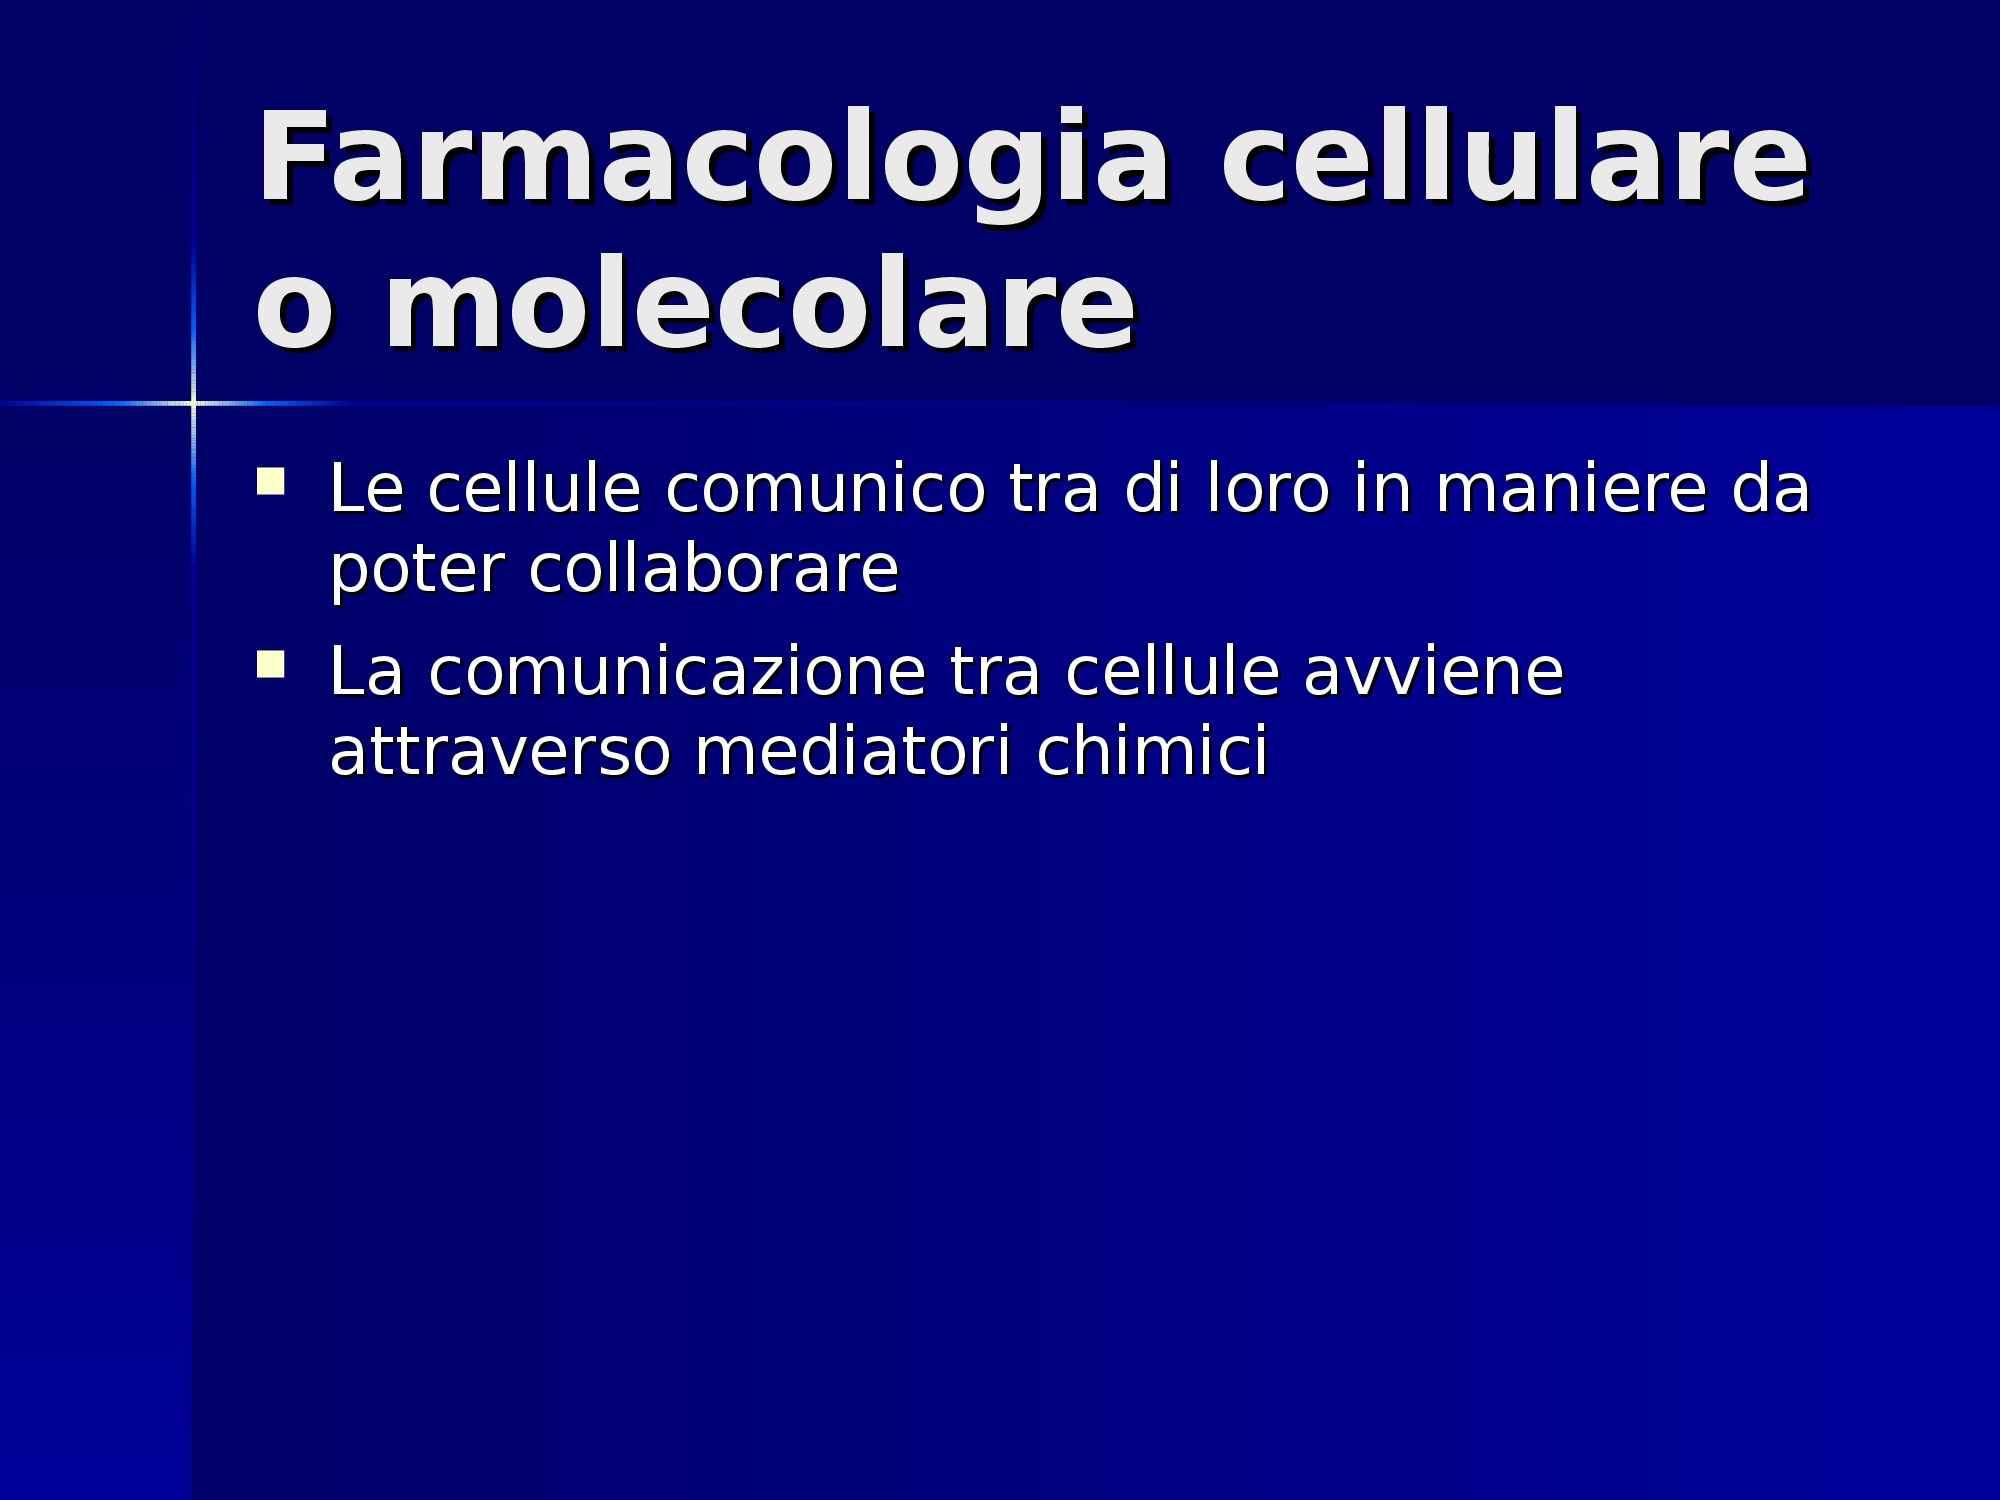 Farmacologia e tossicologia - farmacologia molecolare o cellulare